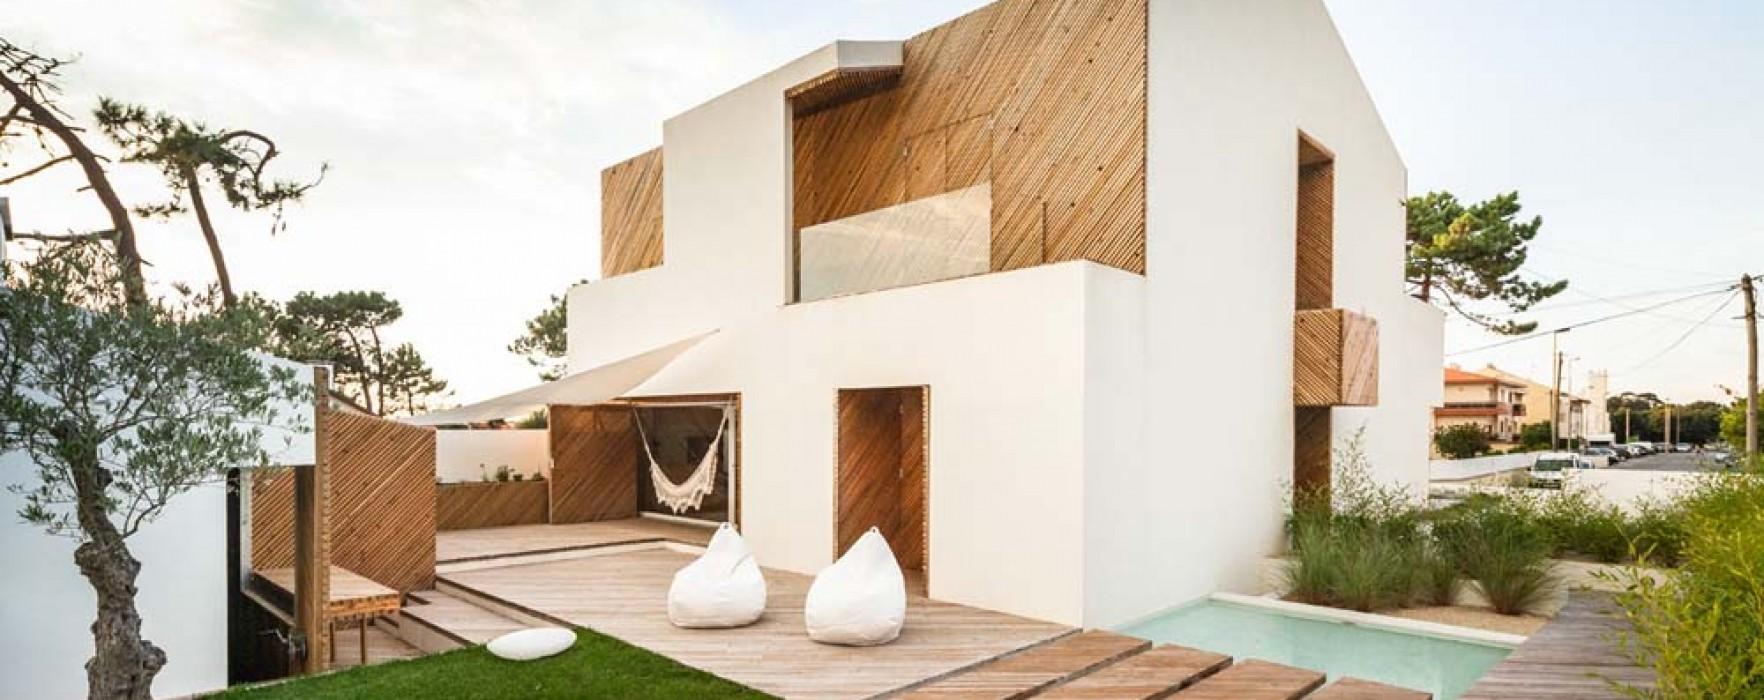 Solare fotovoltaico e pellet in una casa in legno for Costare la costruzione di una casa contro l acquisto